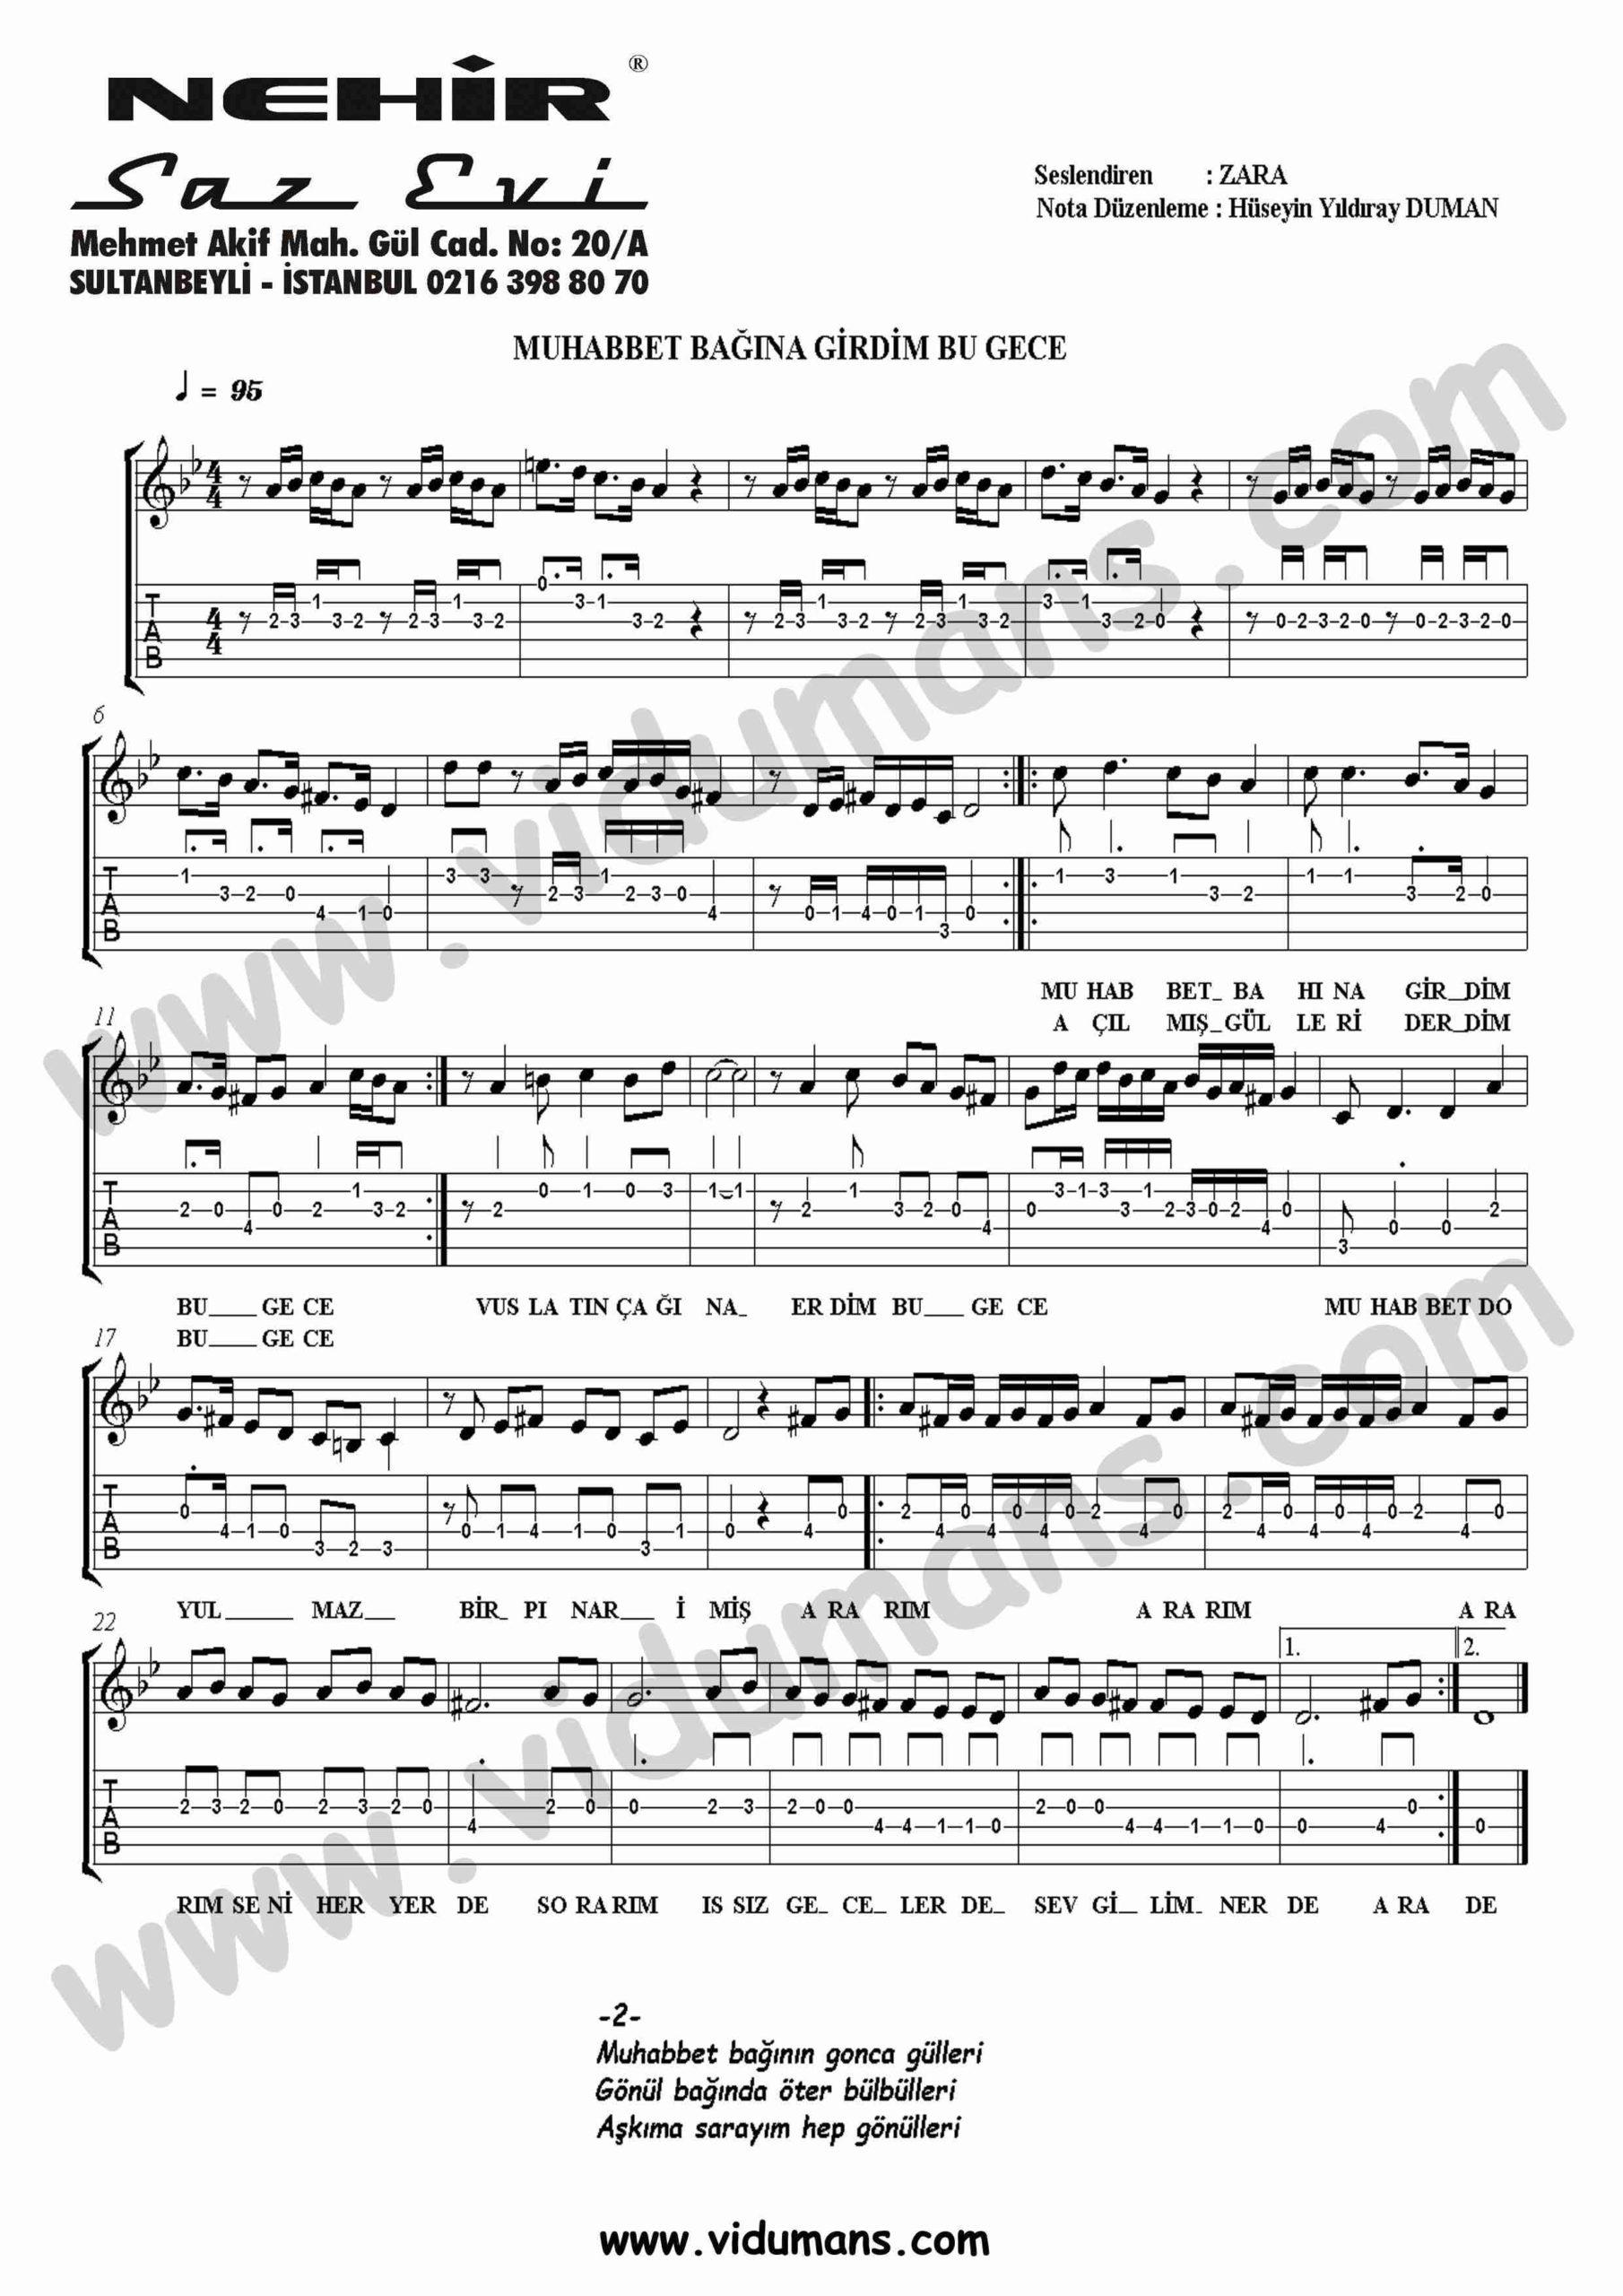 Muhabbet Bagina Girdim-Gitar-Tab-Solo-Notalari